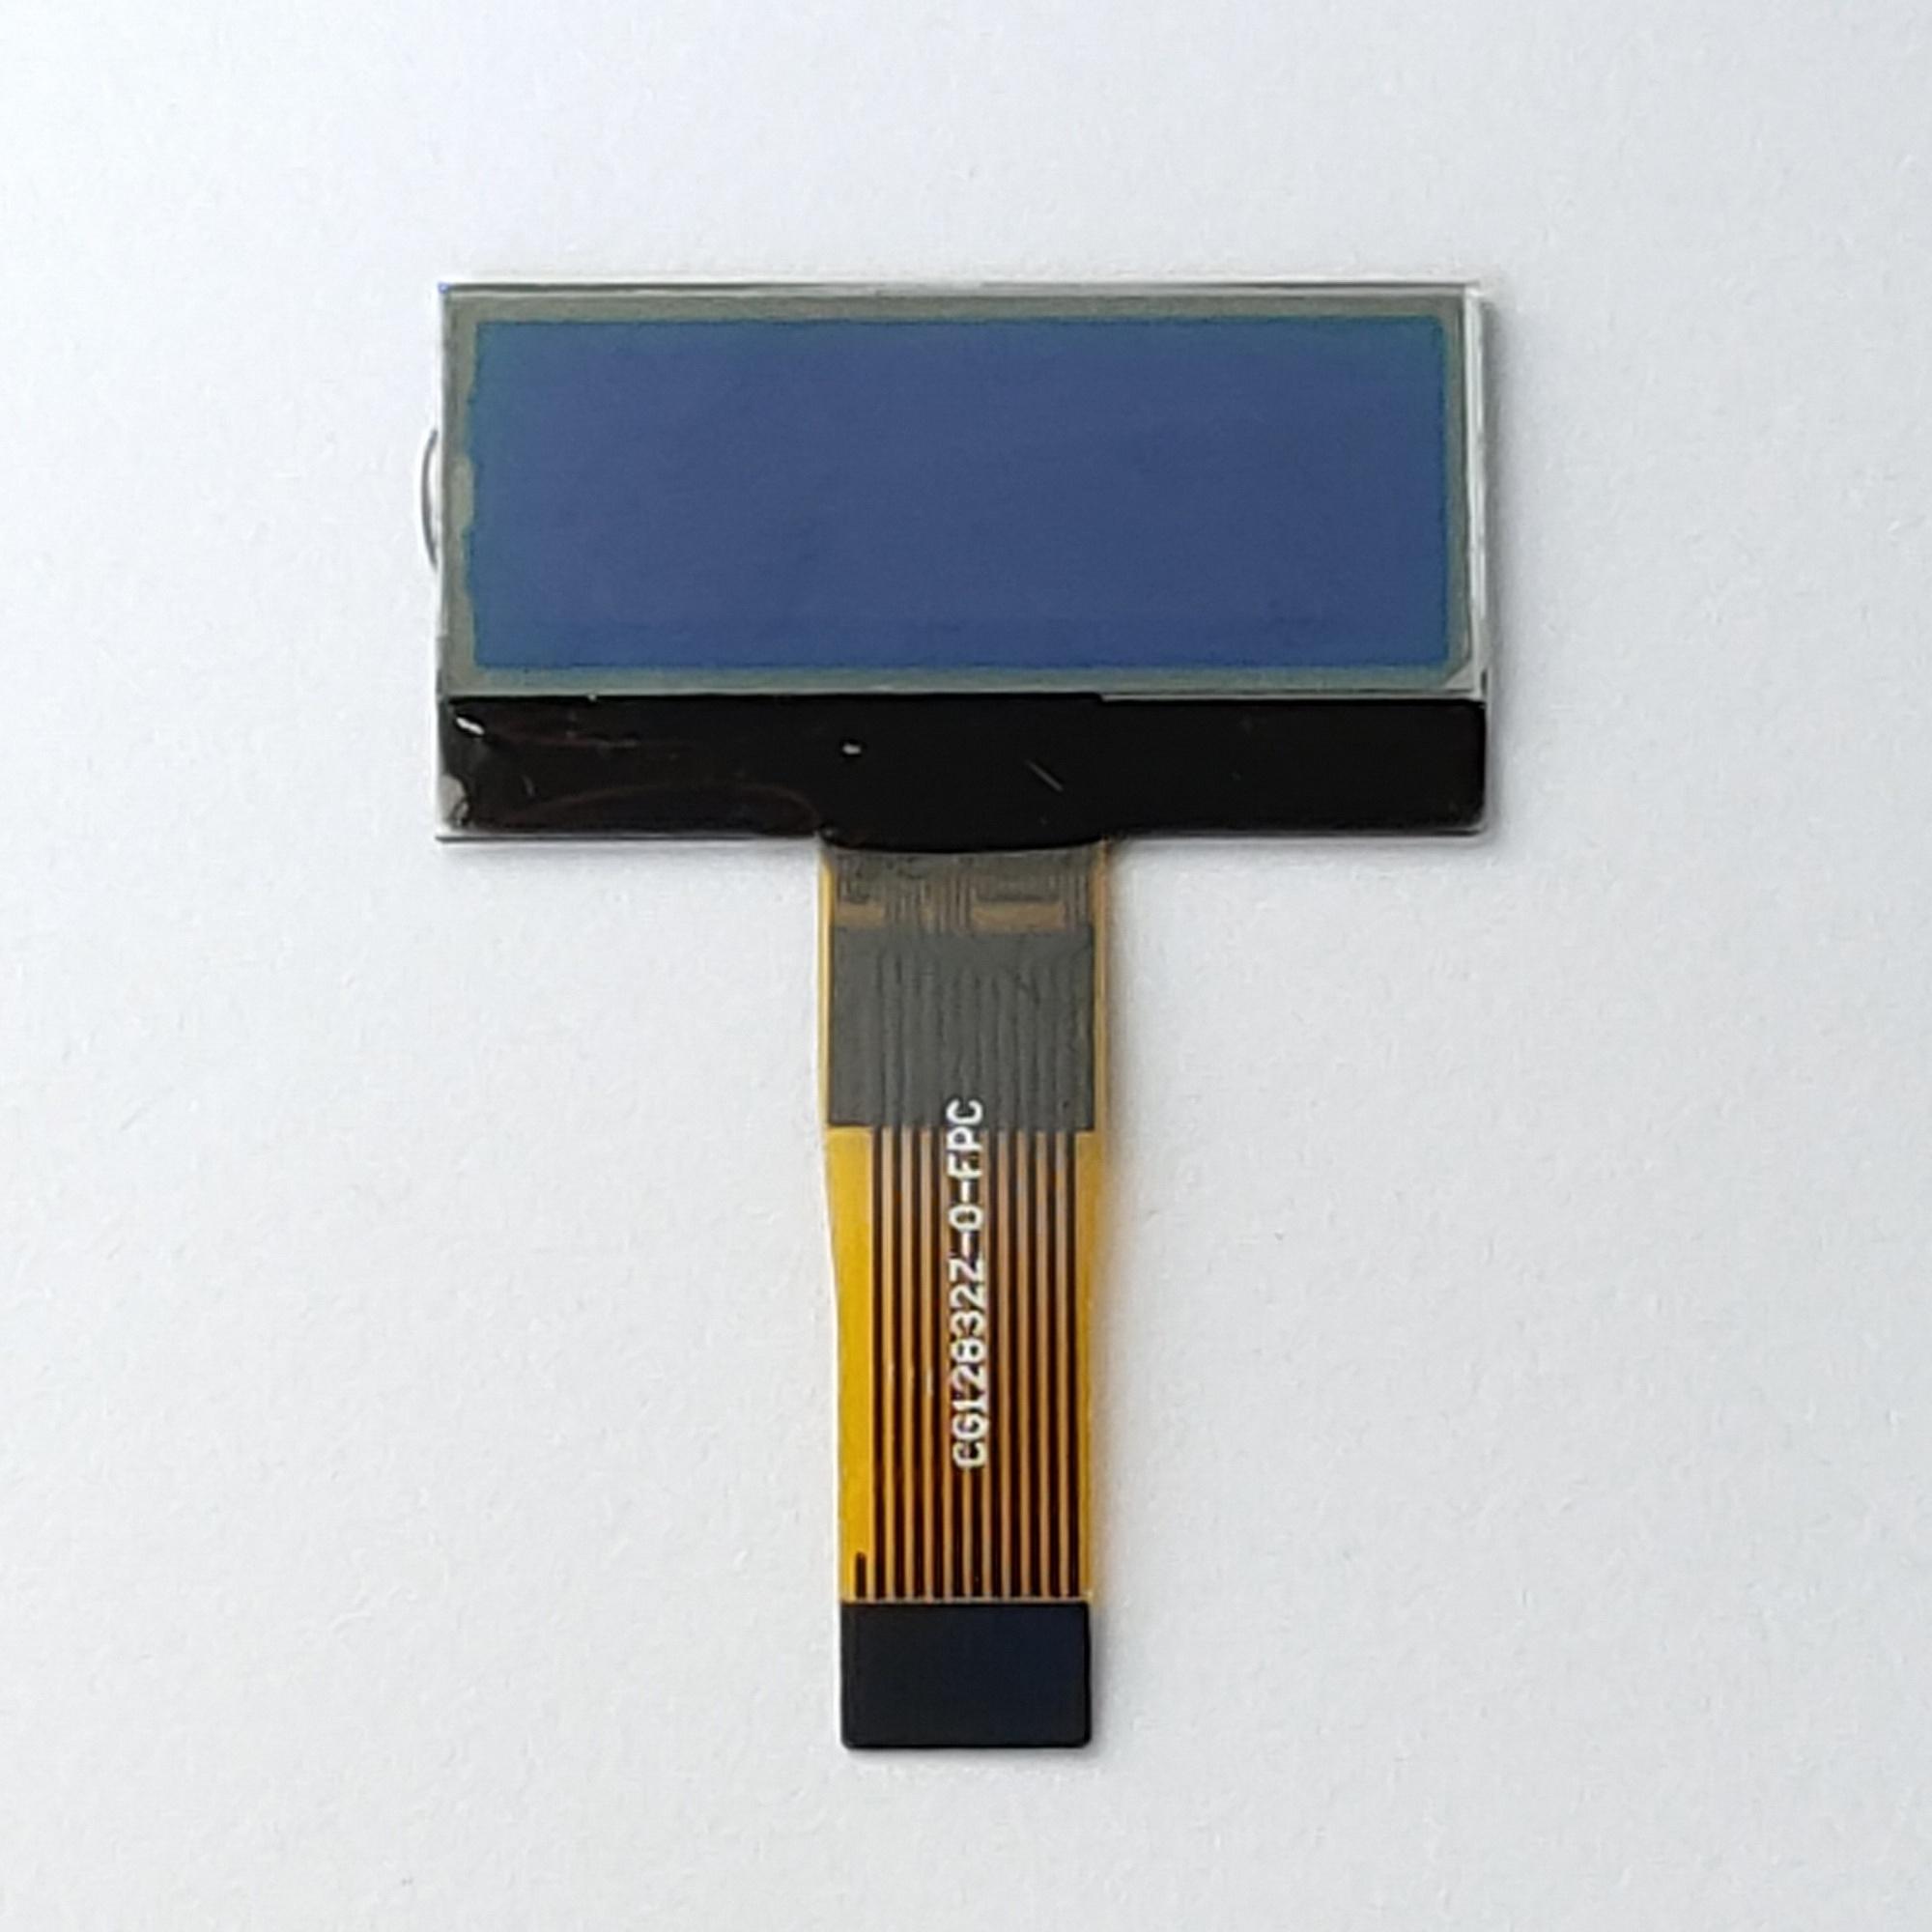 LCD工业触摸液晶屏反应迟钝改如何处理?